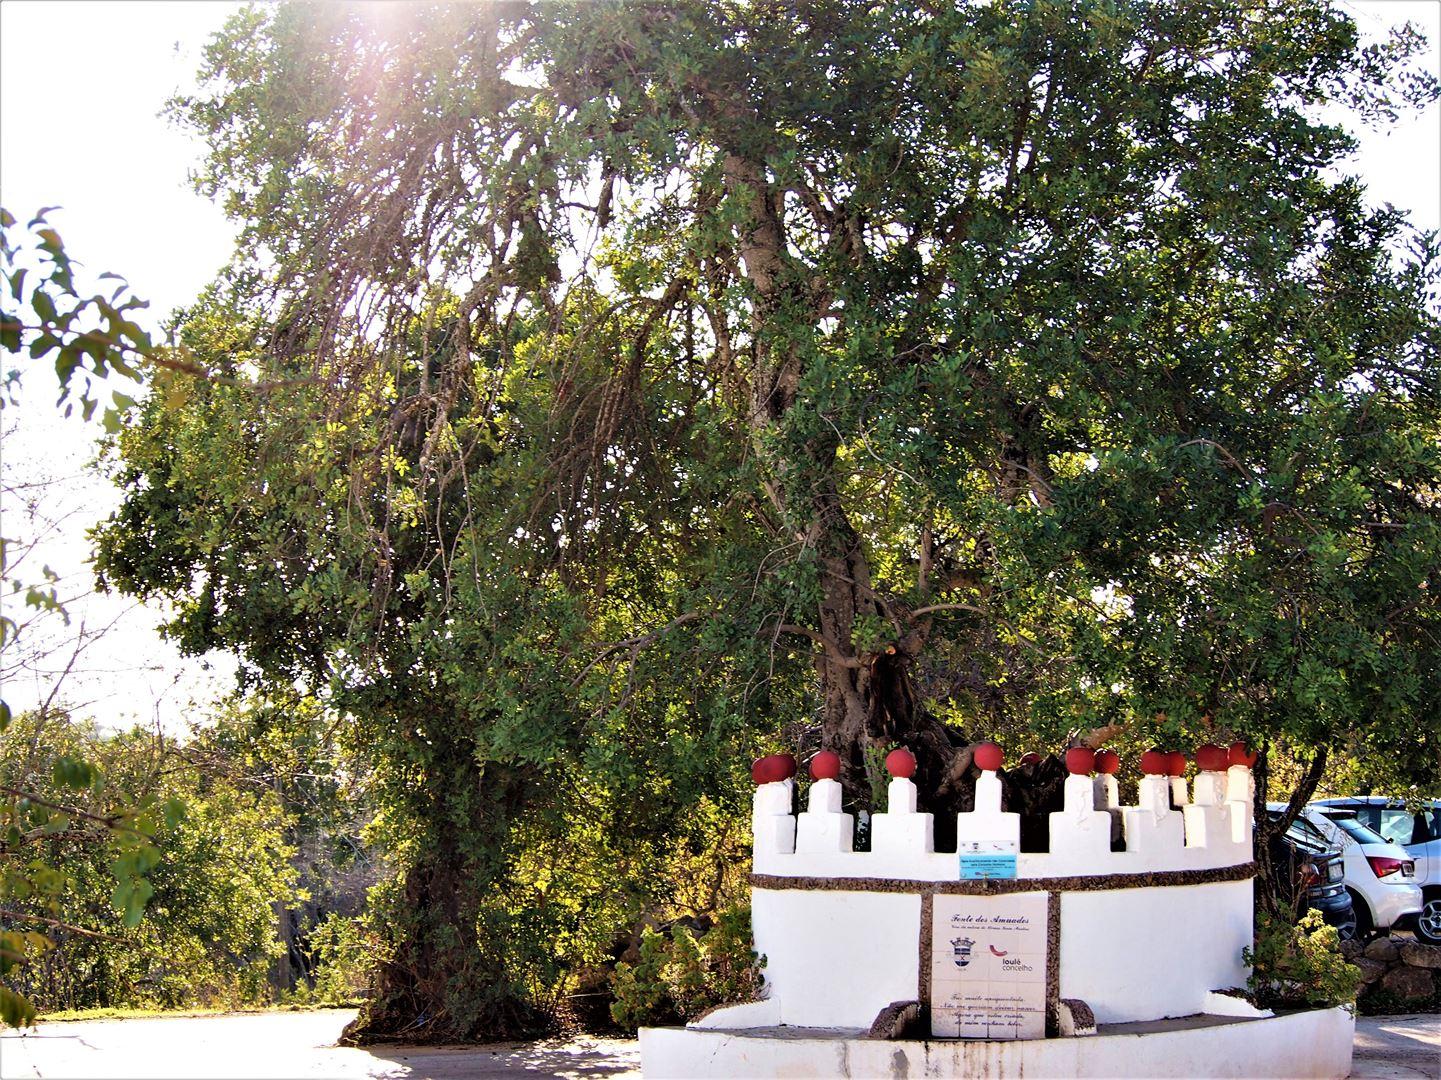 Otra vista de Fonte dos Amuados, a los pies de Rocha da Pena, Alte, Algarve